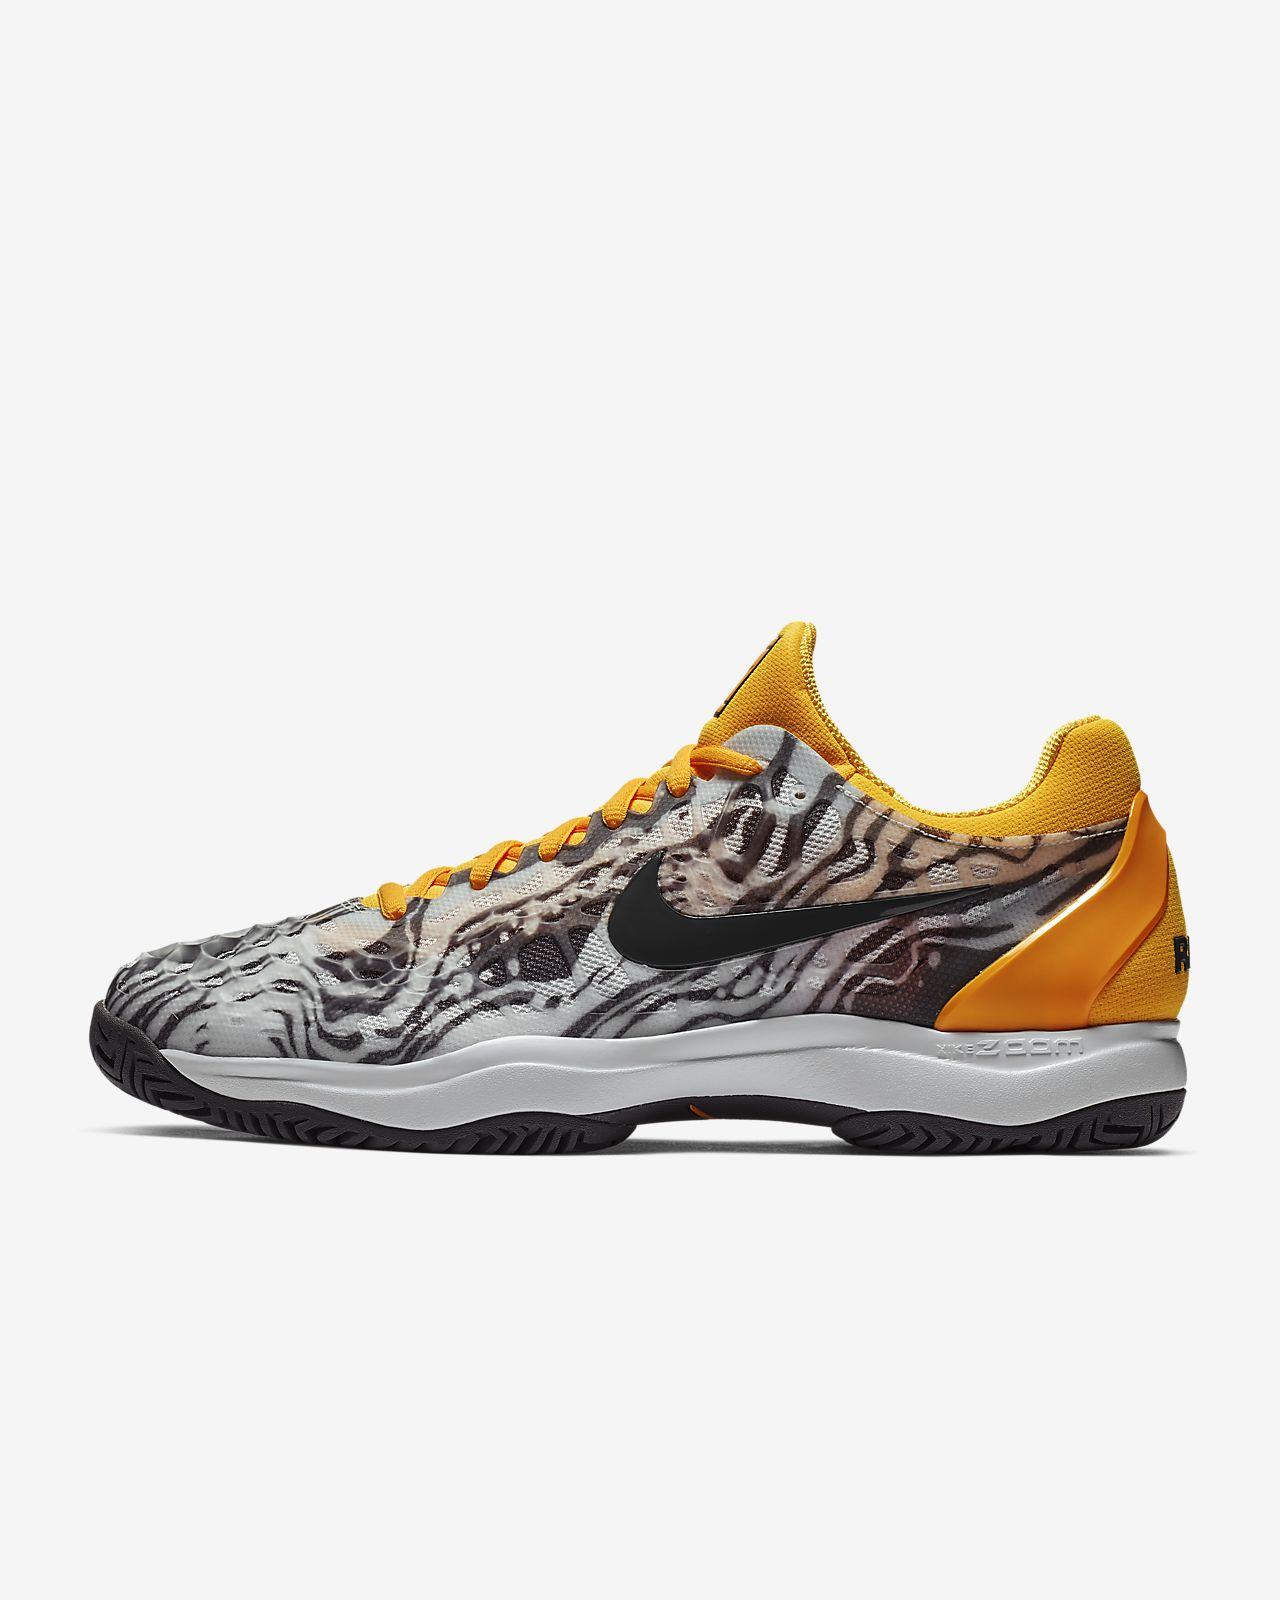 7adeb0bbf8a ... Chaussure de tennis pour surface dure NikeCourt Zoom Cage 3 pour Homme